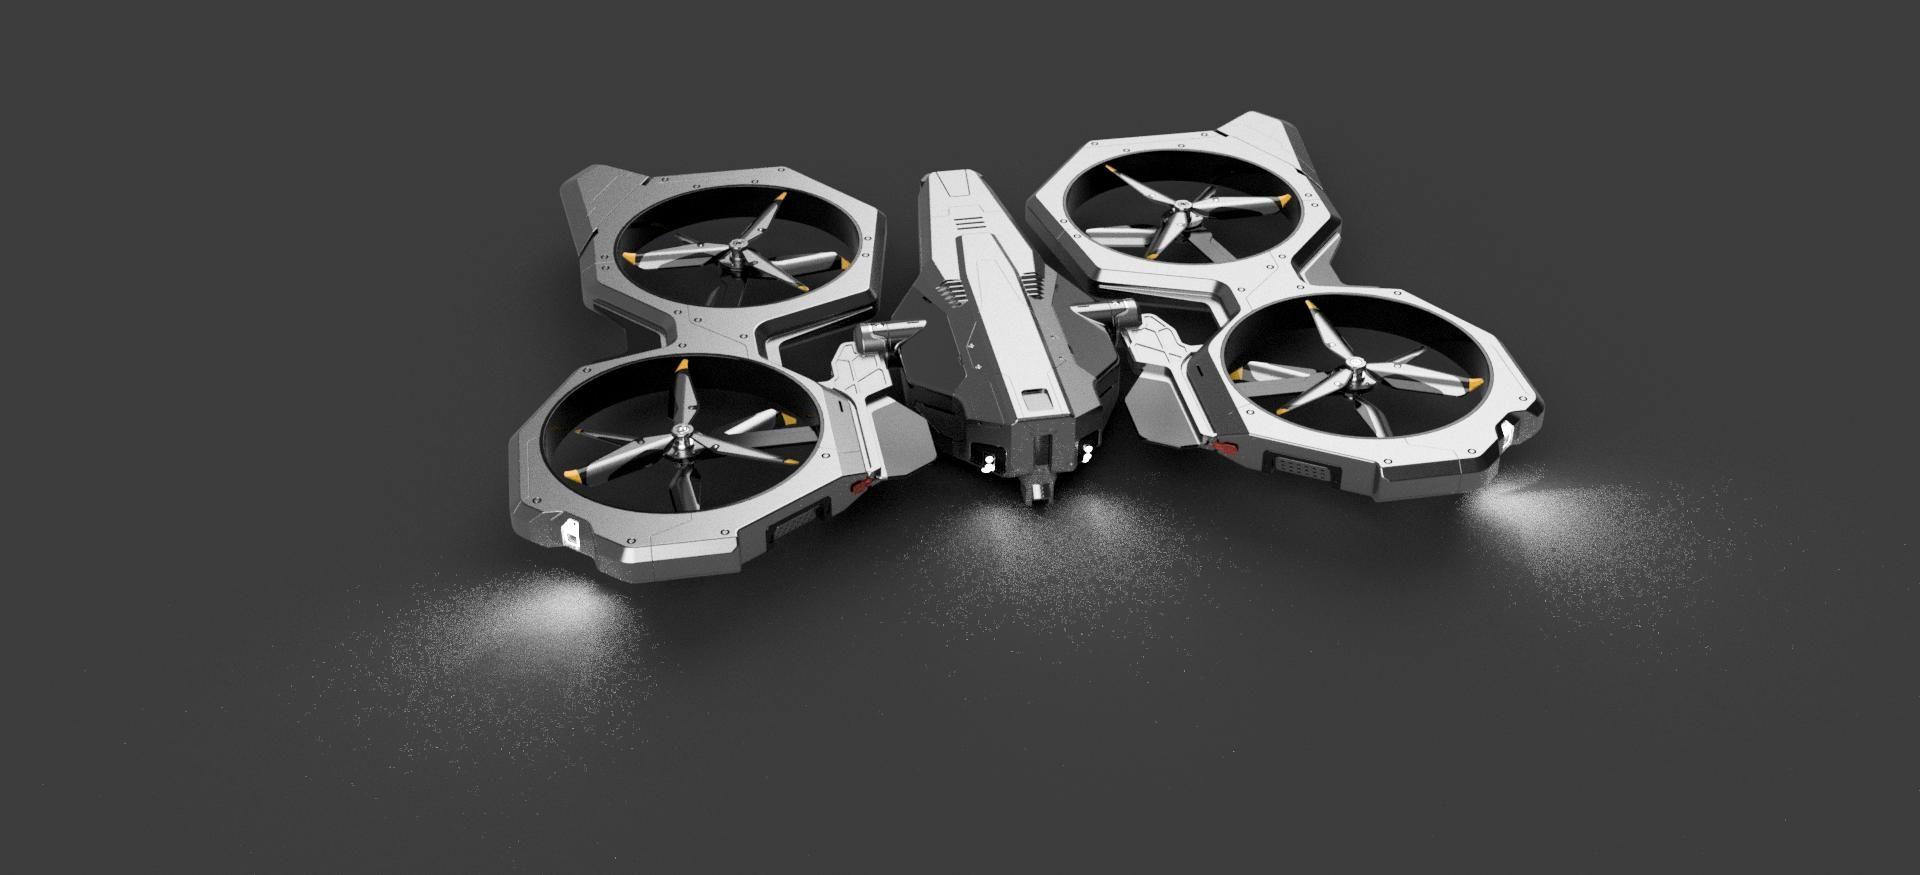 Drons-dragonfly-v42-3500-3500